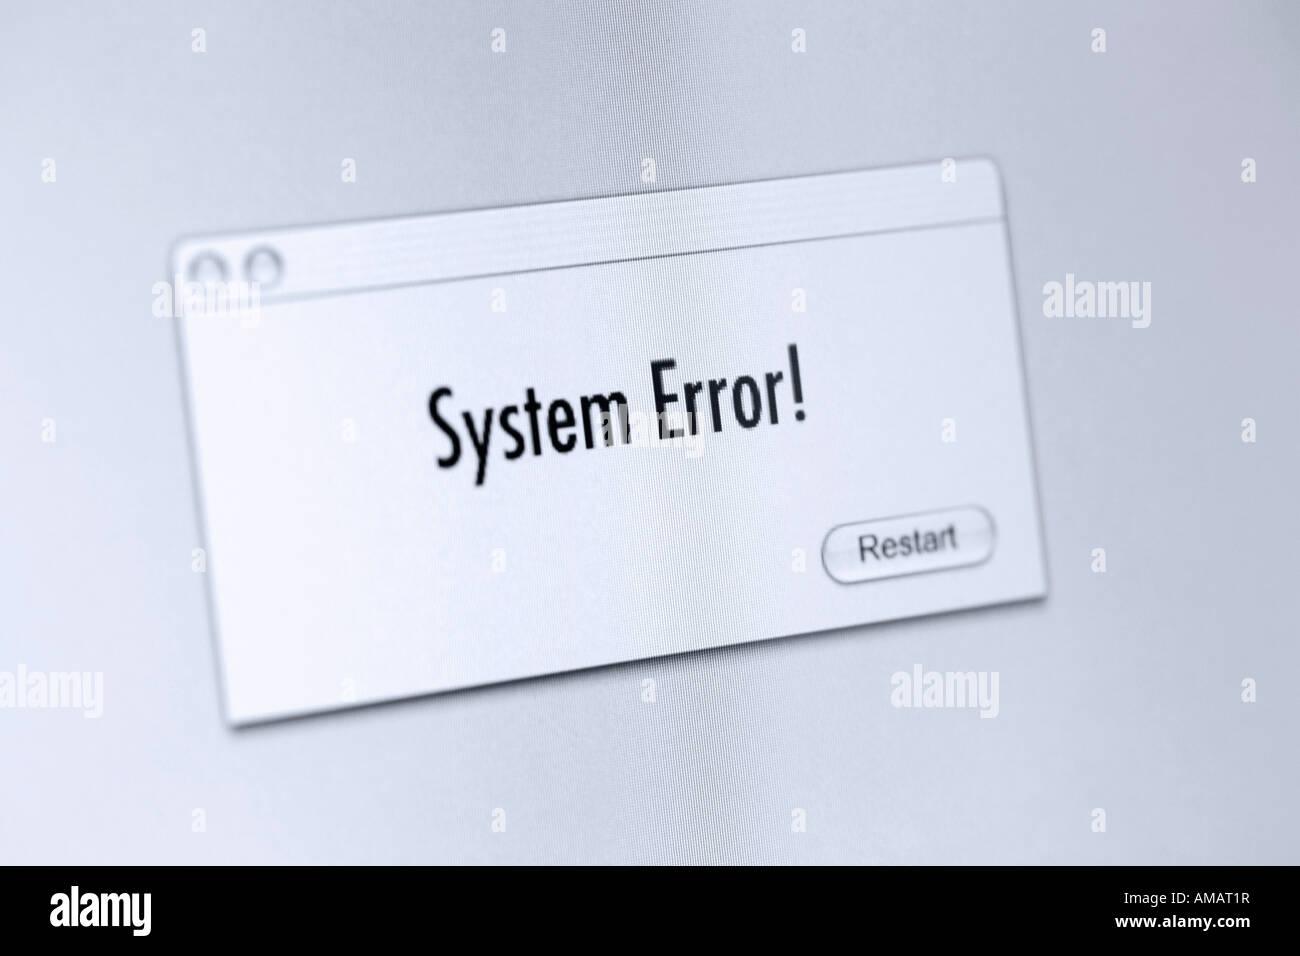 Fehlermeldung auf einem Computer-Bildschirm Stockbild